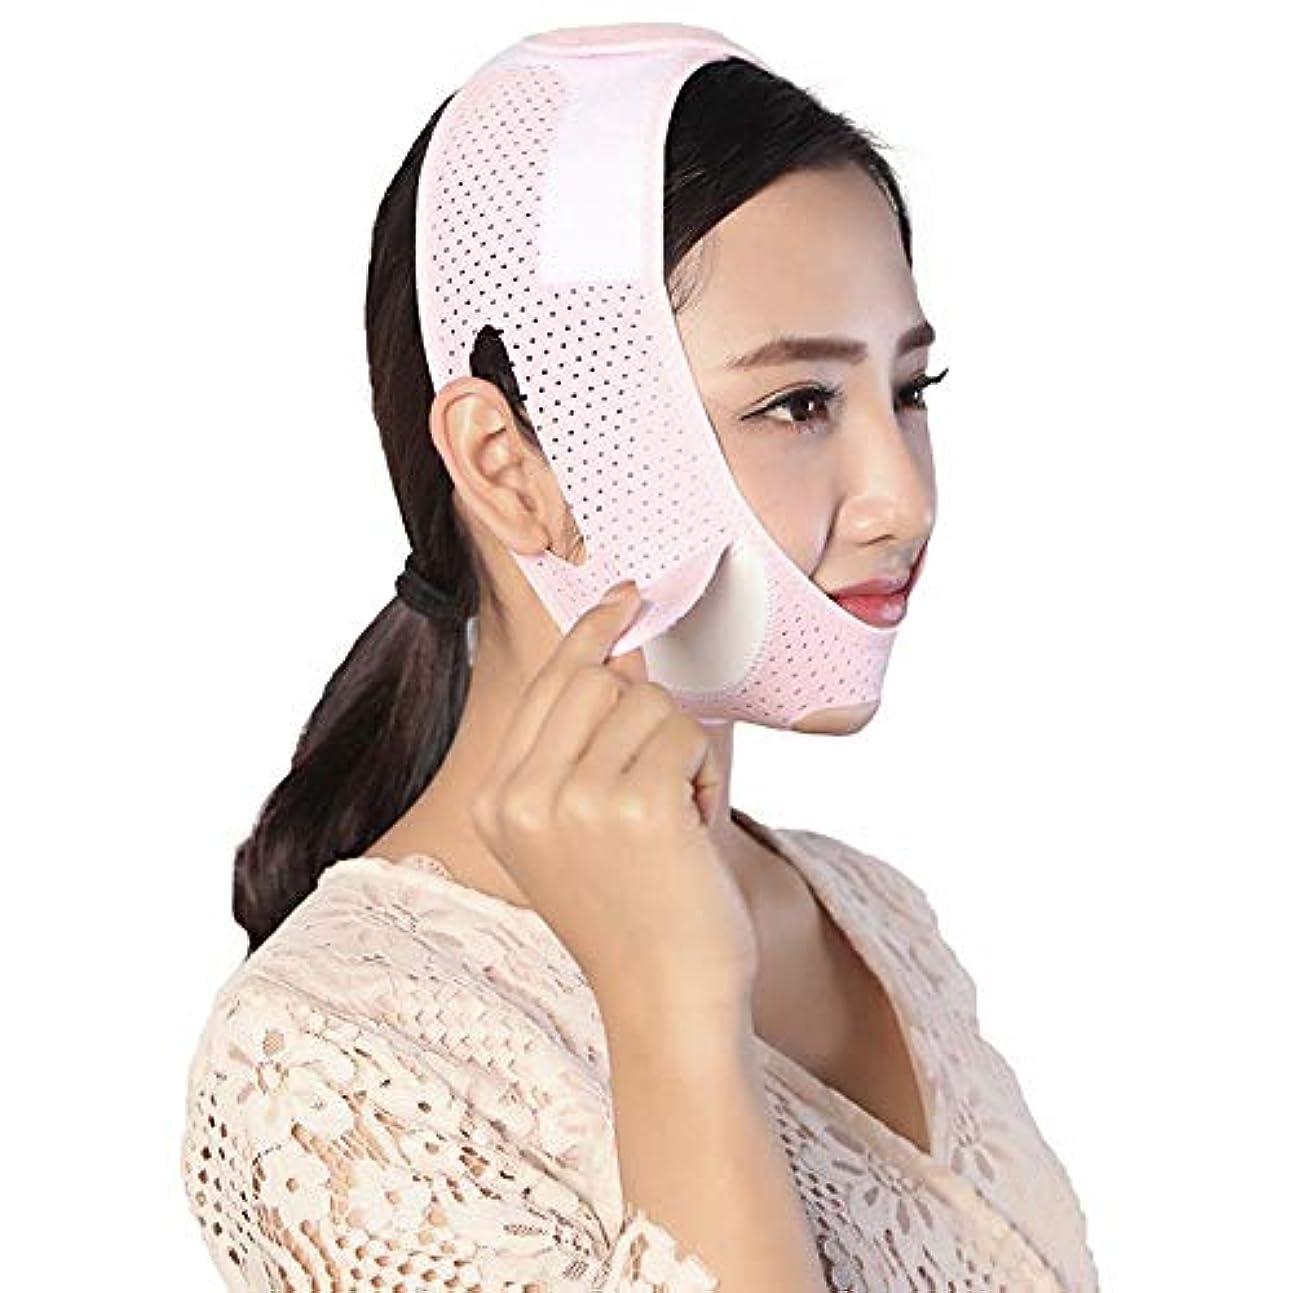 ボイコット機械的に銅Jia Jia- フェイシャルリフティング痩身ベルト - 圧縮二重あご減量ベルトスキンケア薄い顔包帯 顔面包帯